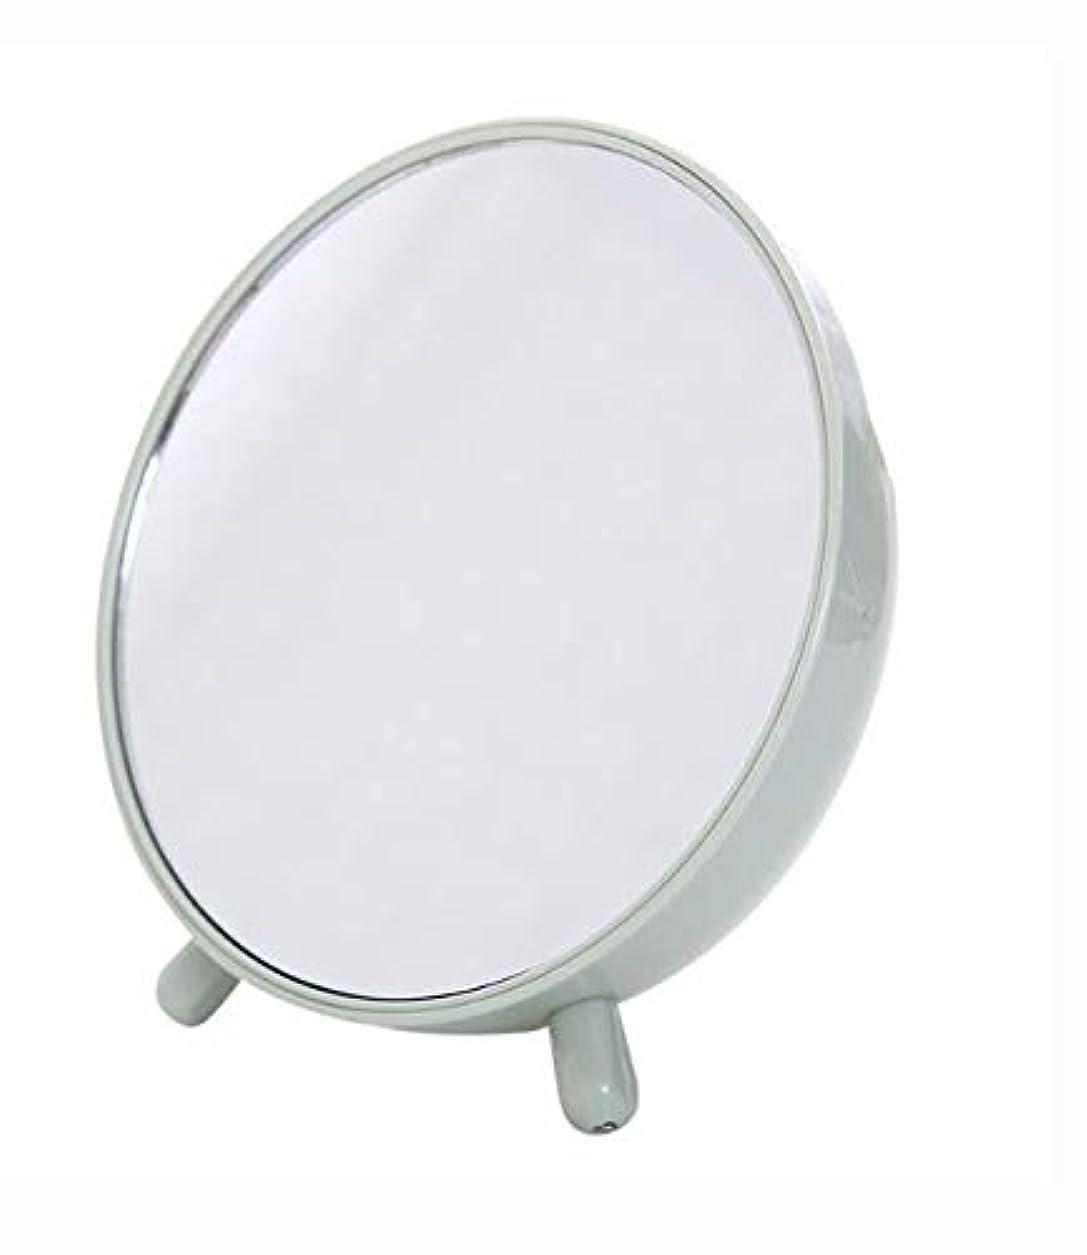 同様の必要とする区別する化粧鏡、収納箱の化粧品のギフトが付いている緑の簡単な円形のテーブルの化粧鏡